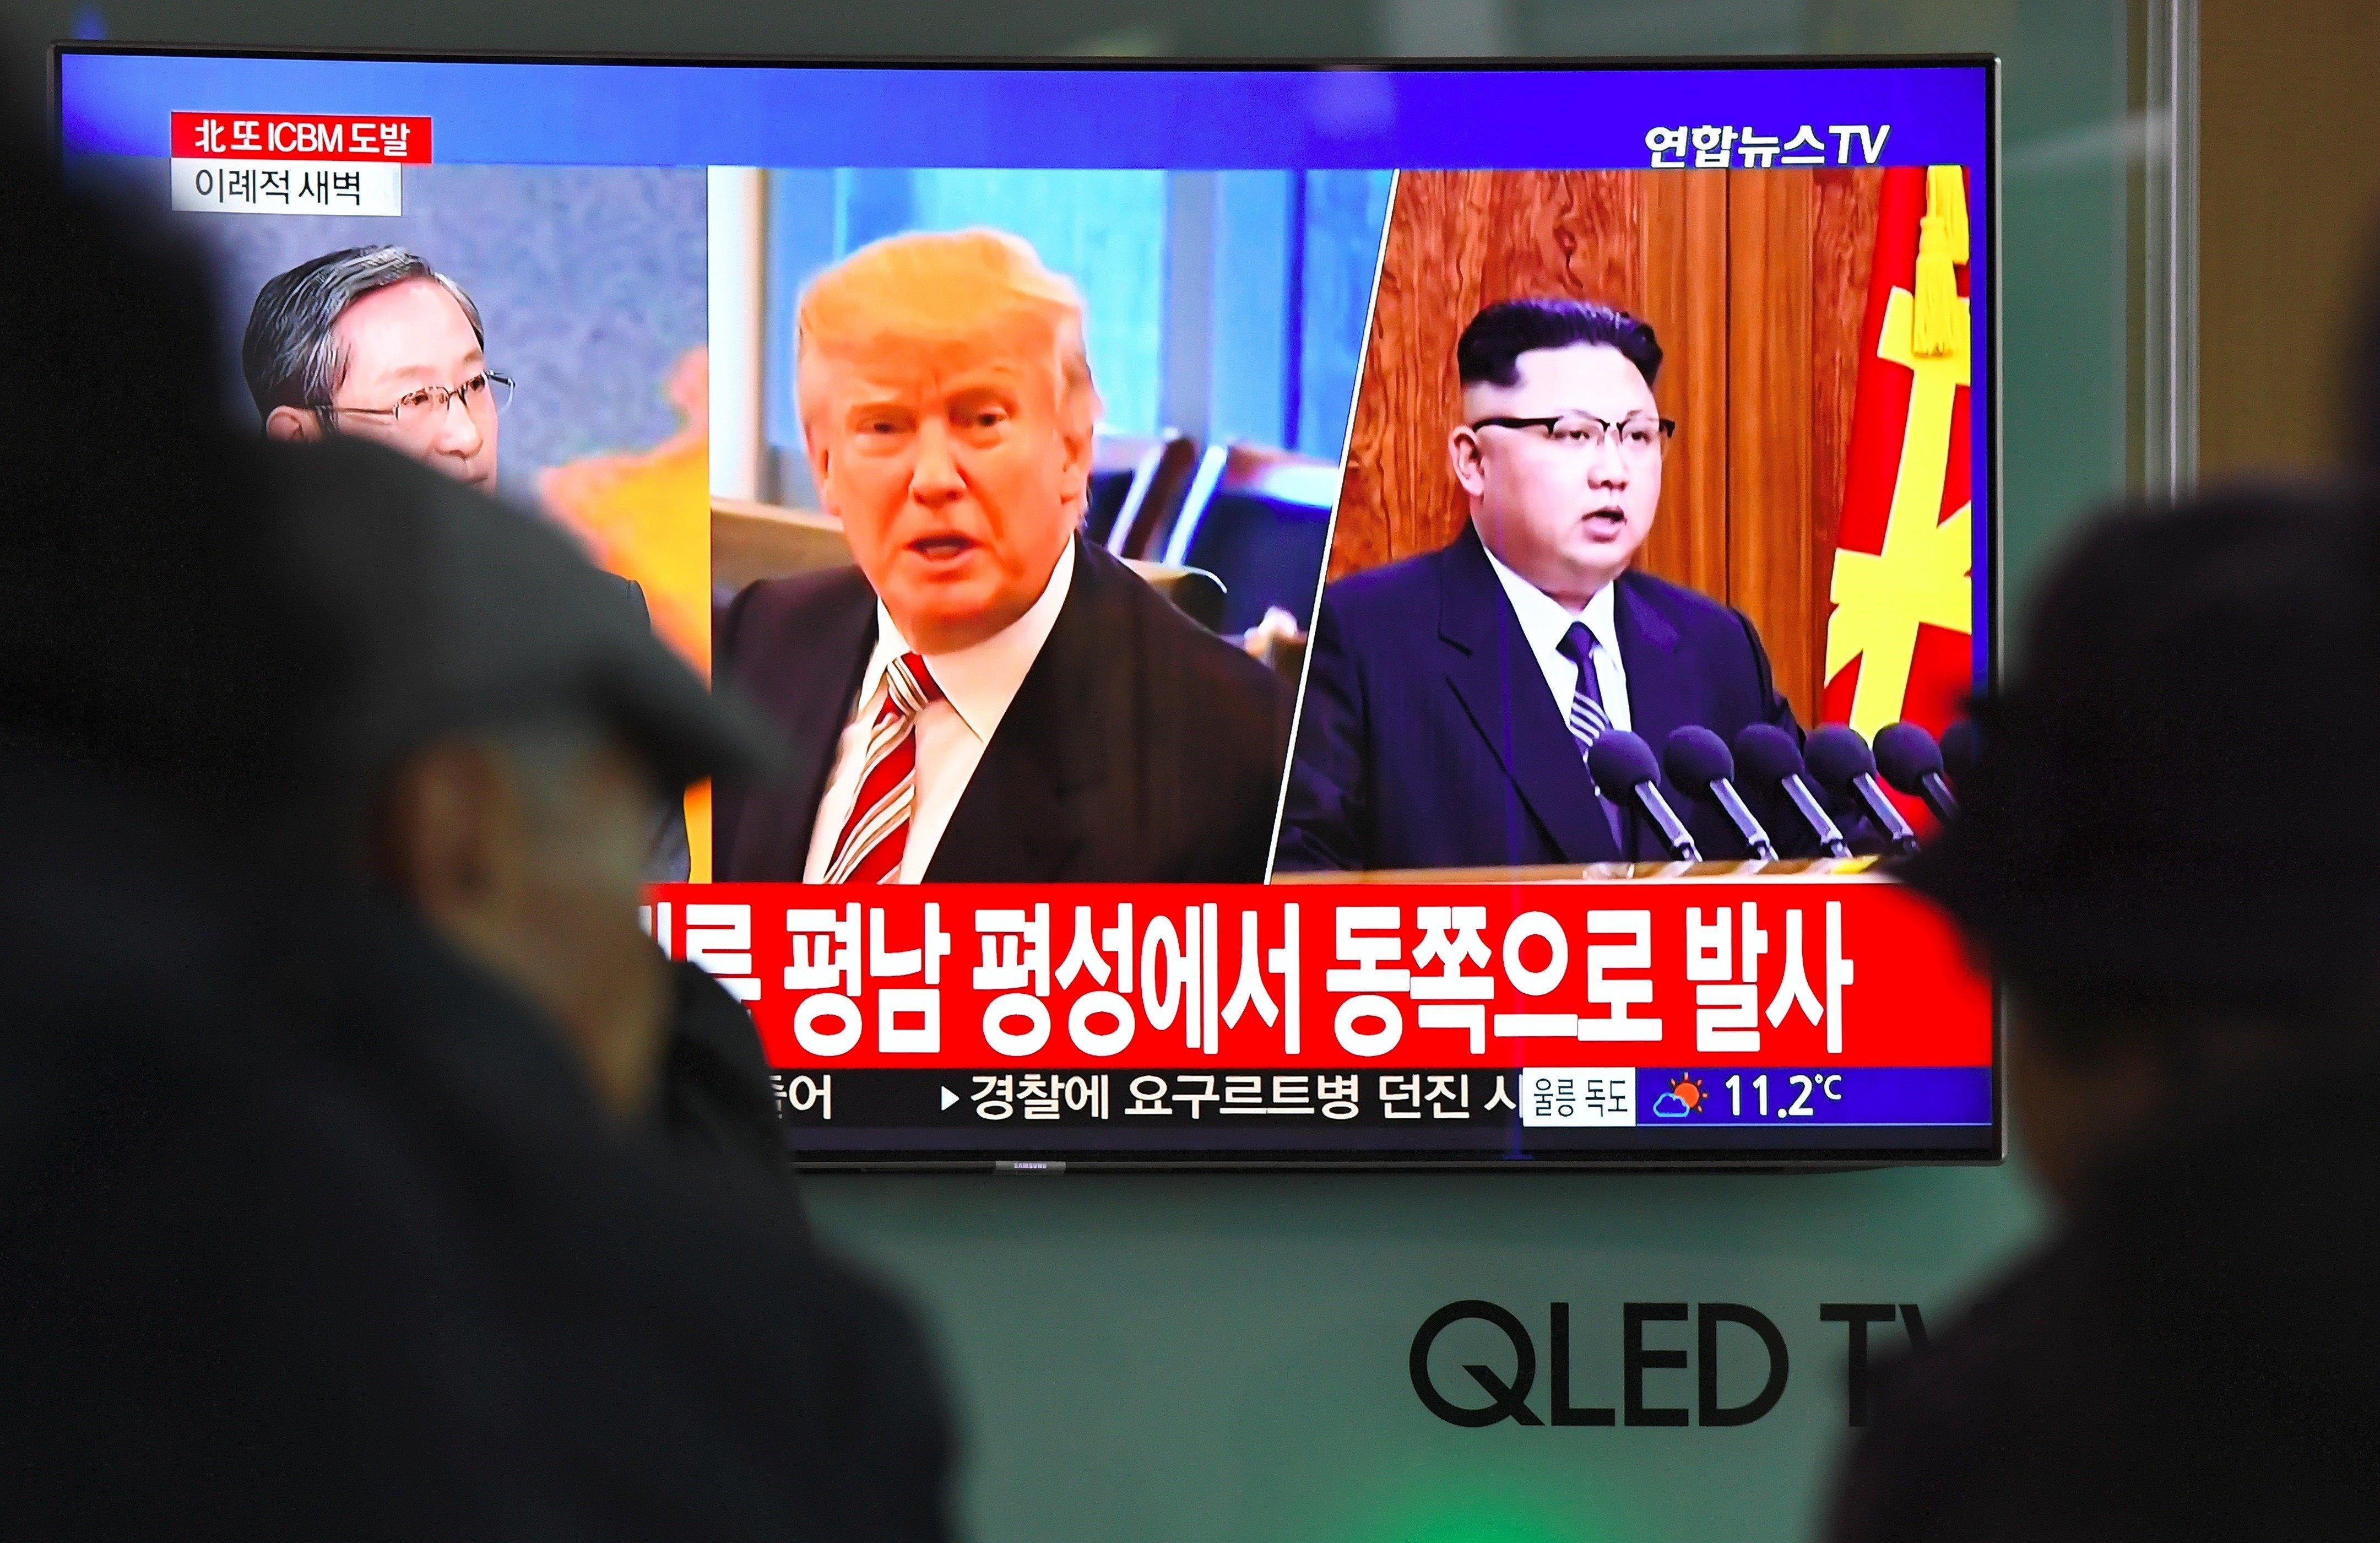 Ο Τραμπ δηλώνει «ανοιχτός» σε συνομιλίες με τη Βόρεια